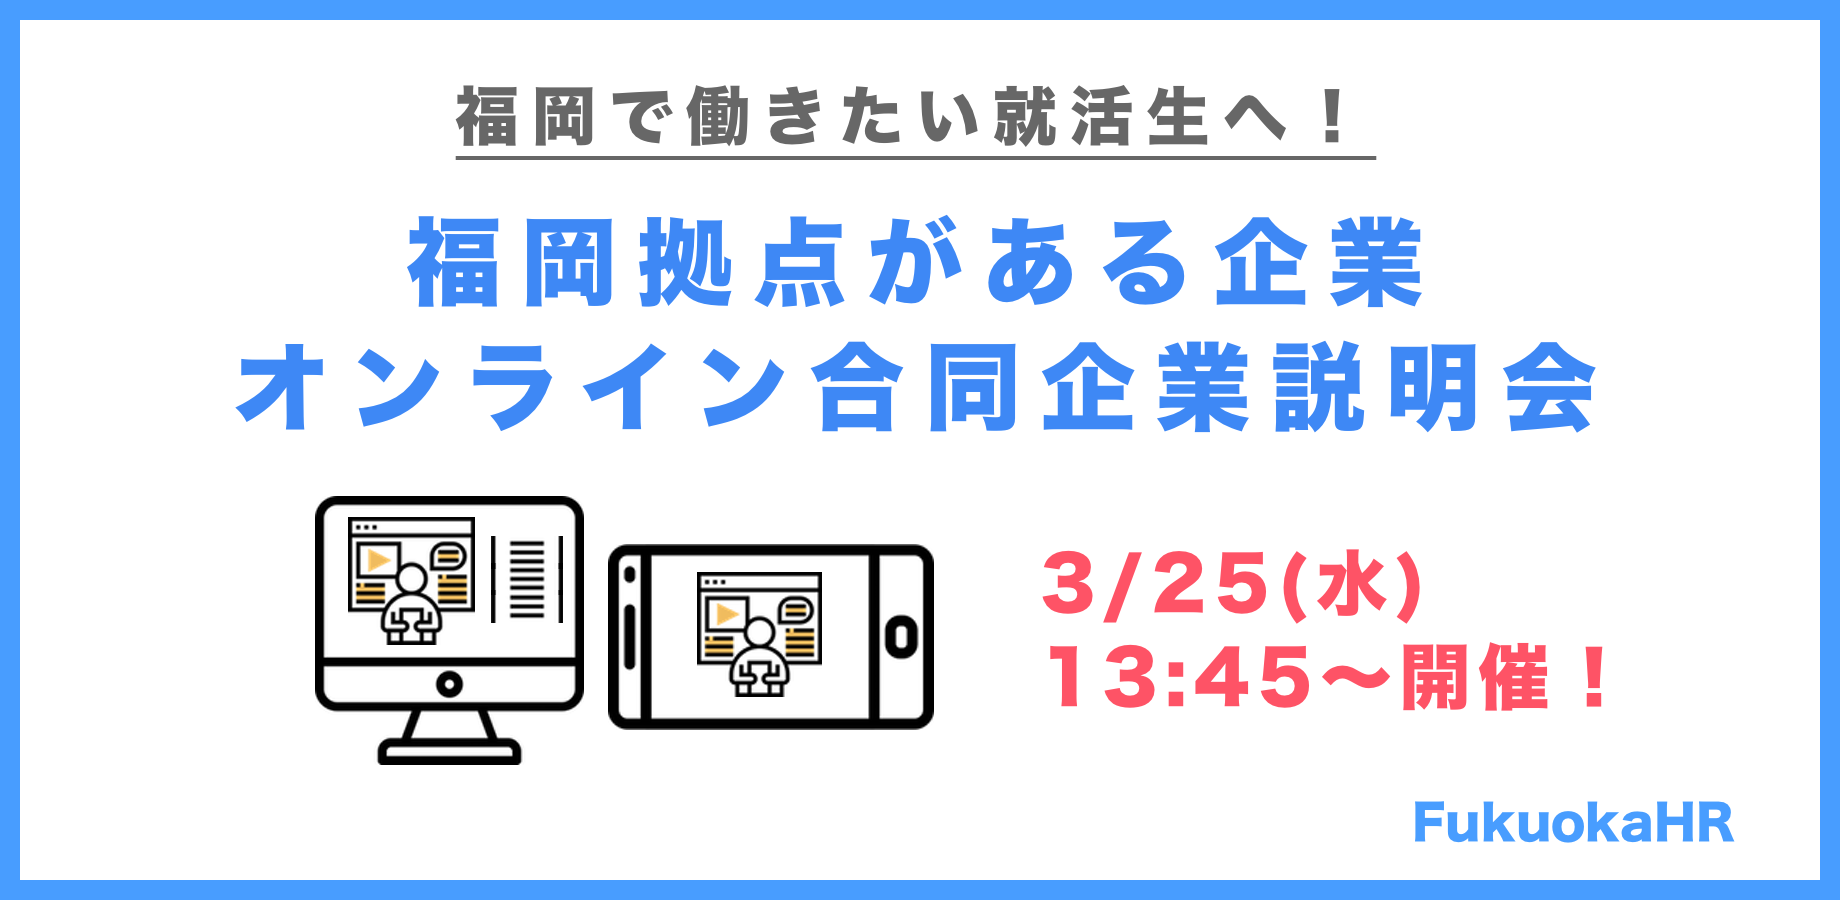 福岡拠点がある企業のオンライン合同企業説明会